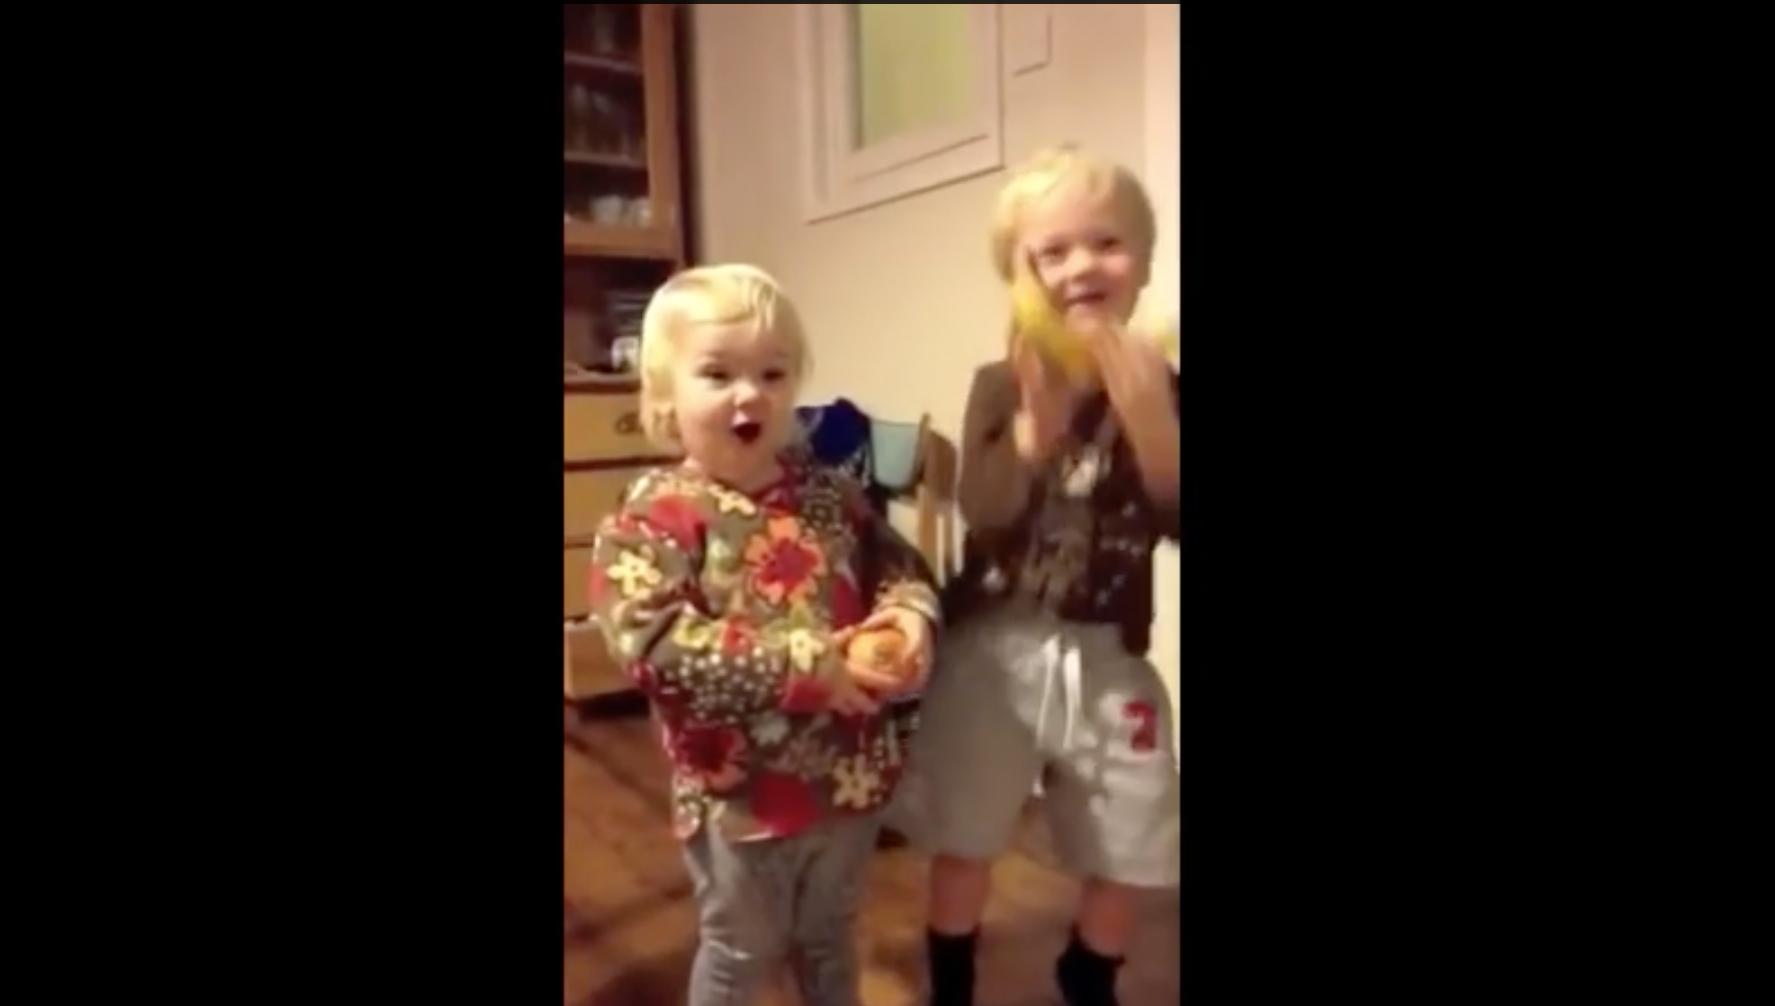 Niños reciben horrible regalo de Navidad. Foto: Youtube/Tim Cocker